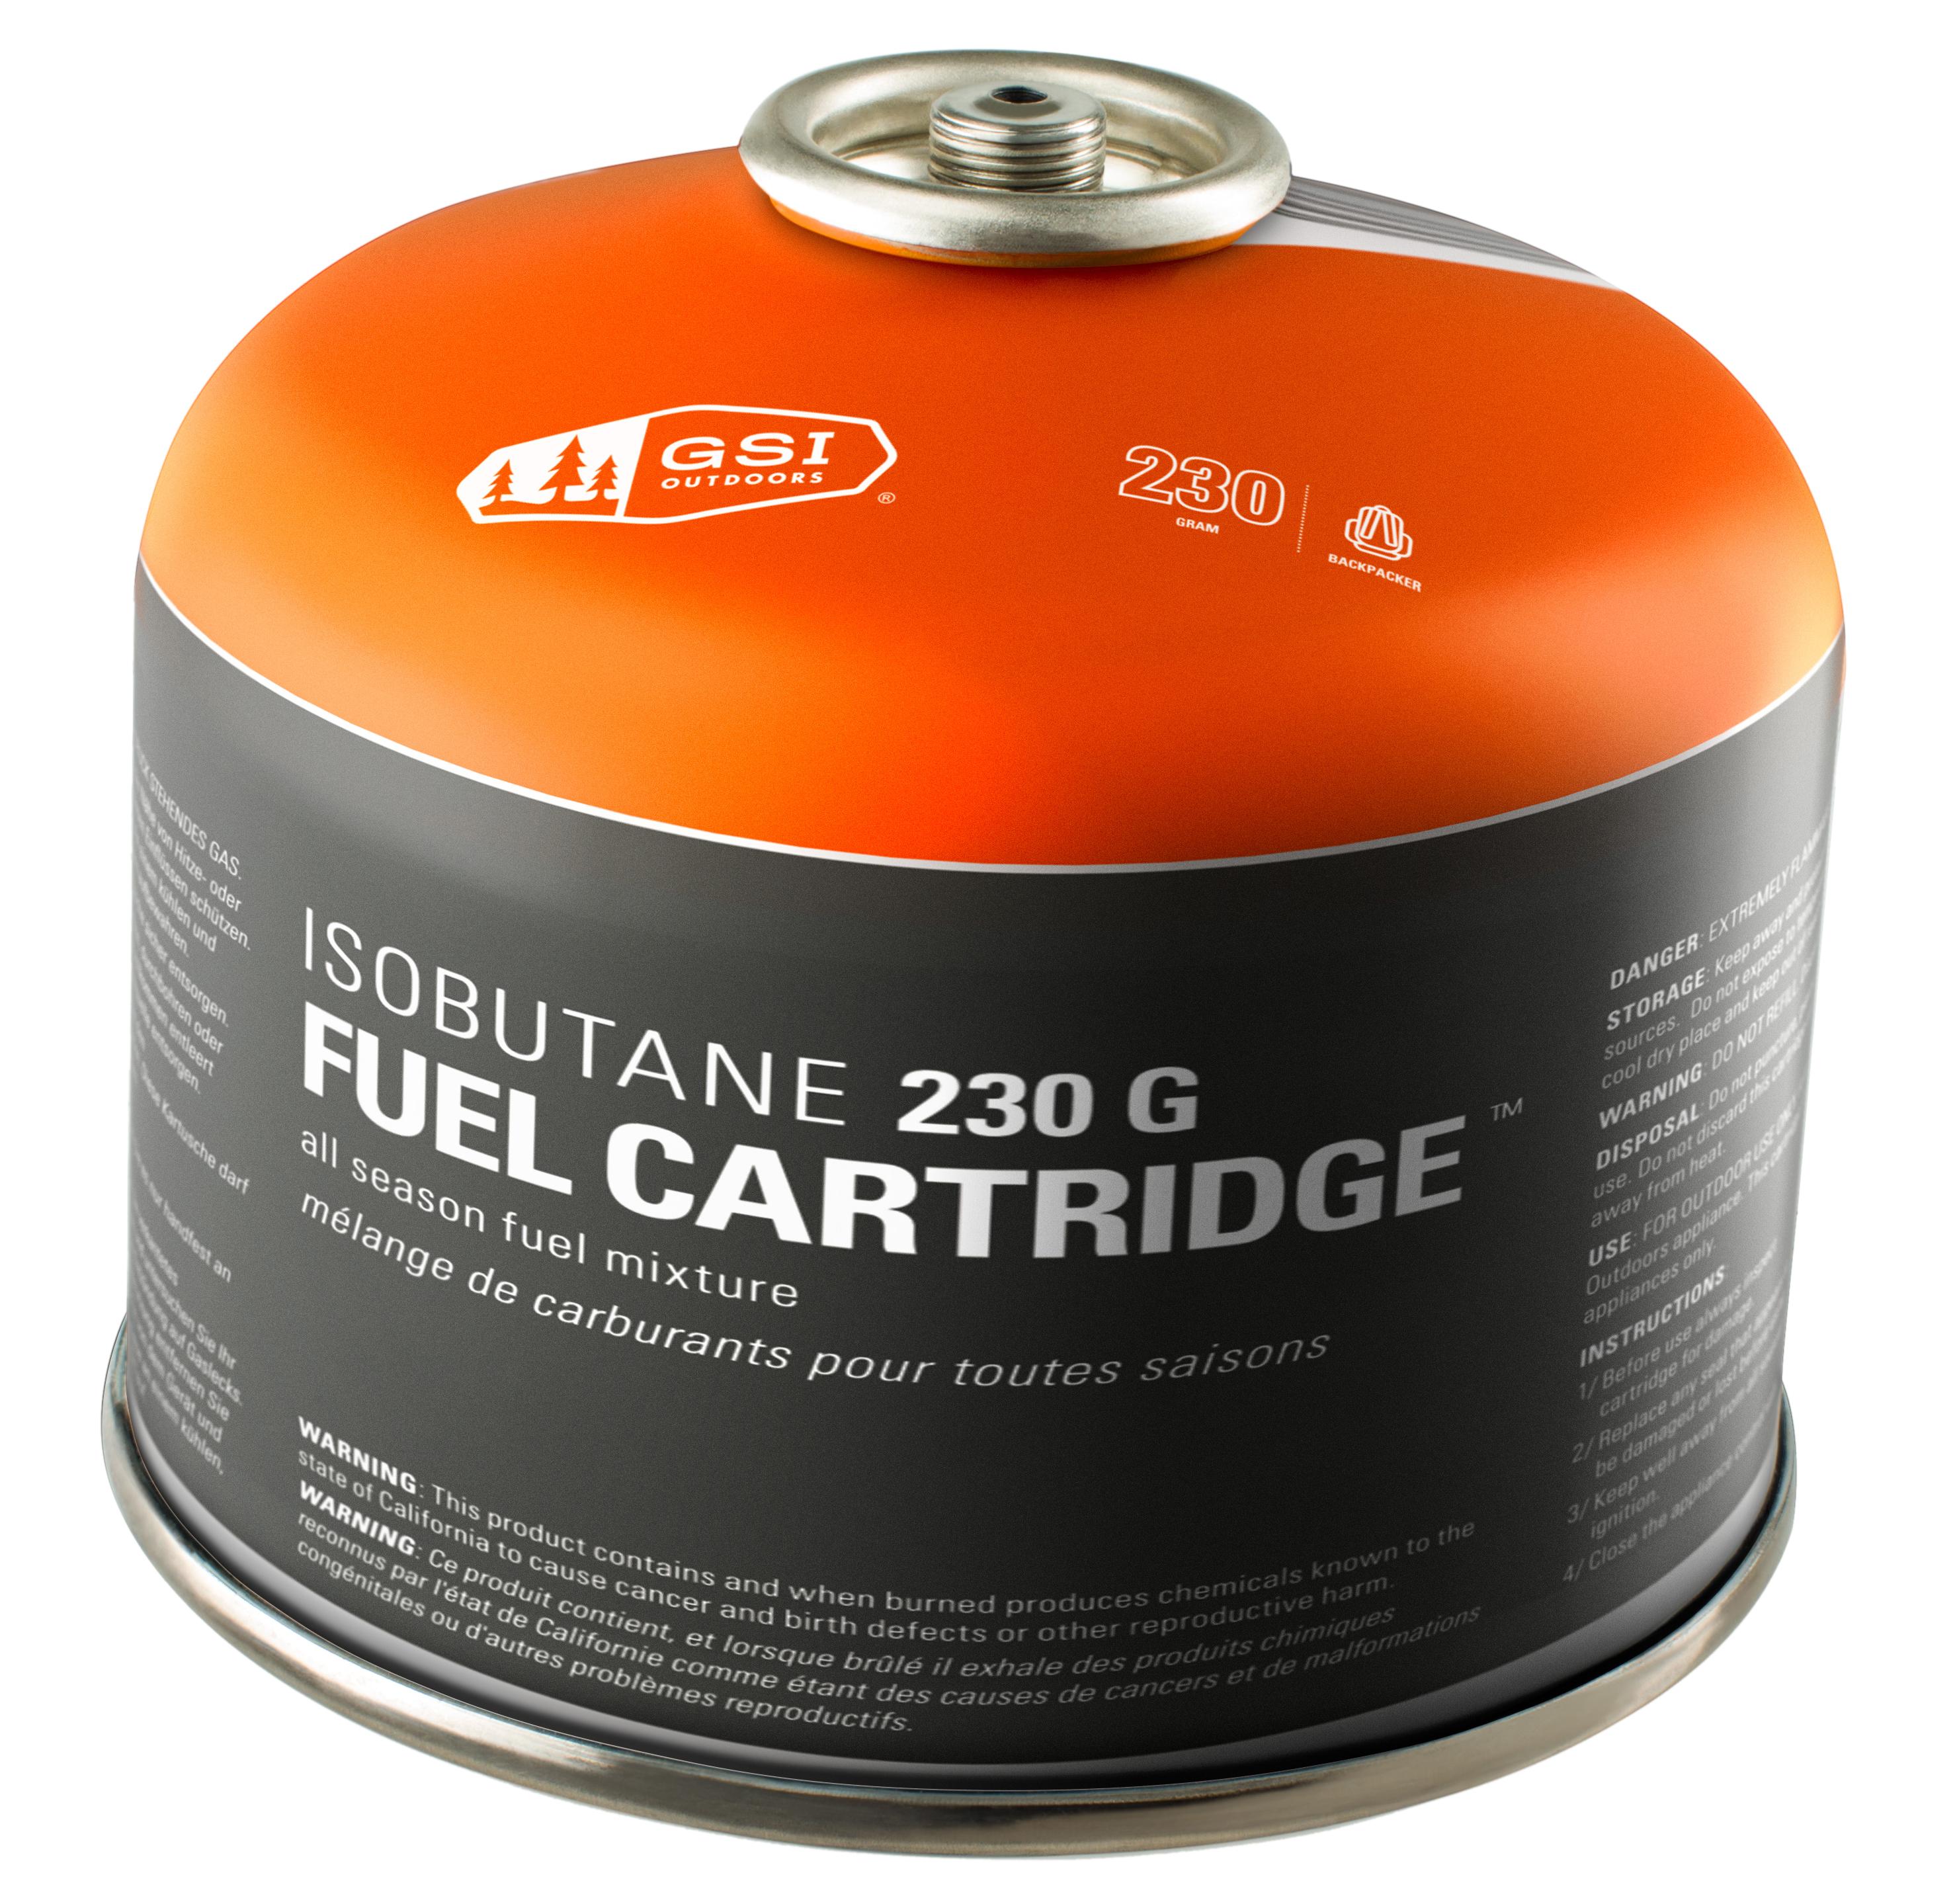 Gsi Isobutane 230g Fuel Canister Mec